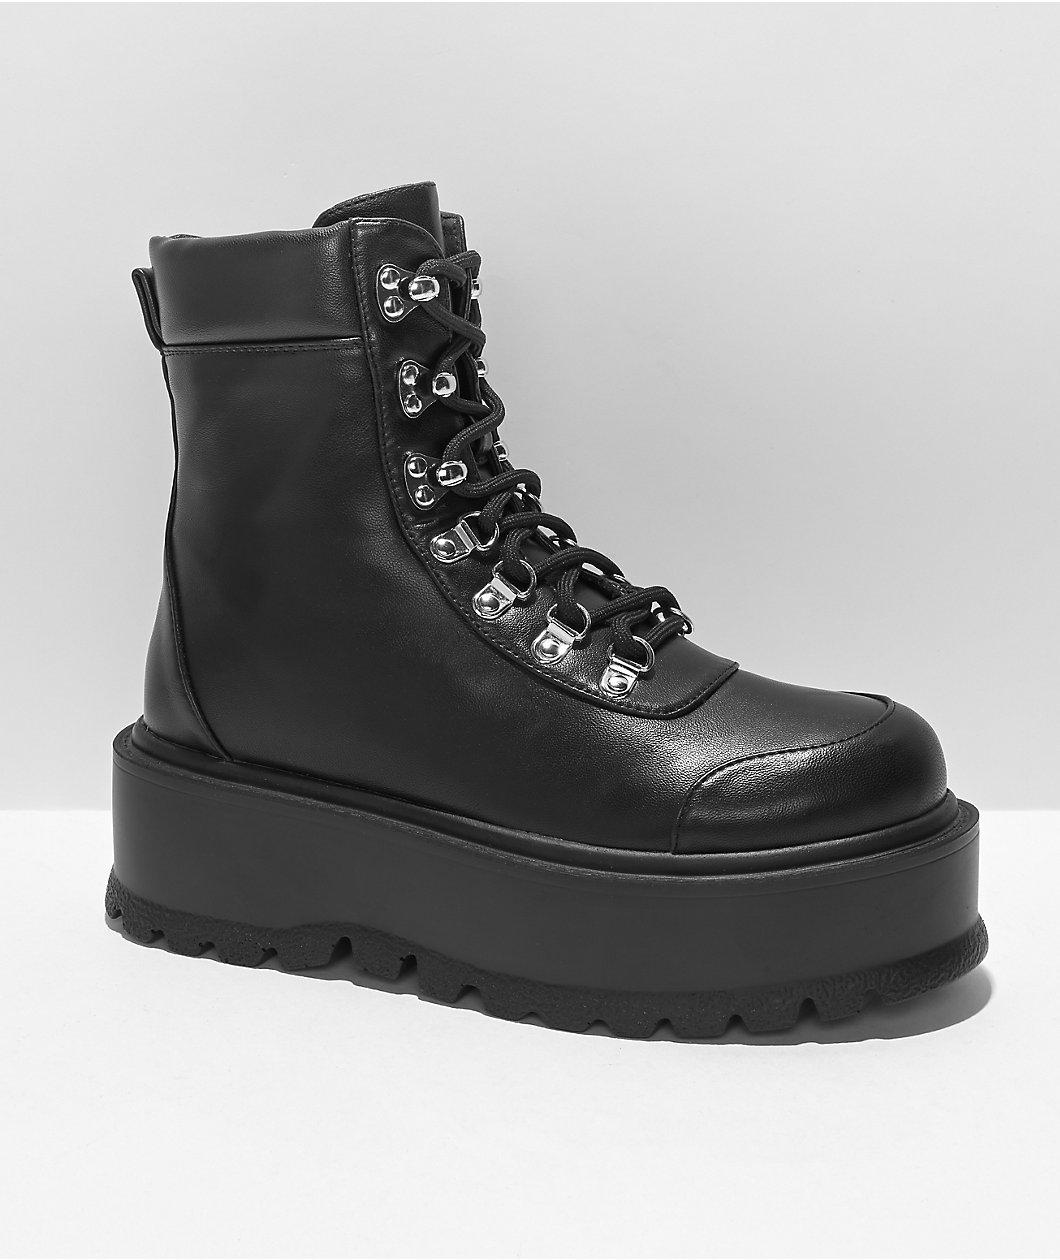 KOI FOOTWEAR LTD KOI Hydra Black Platform Boots